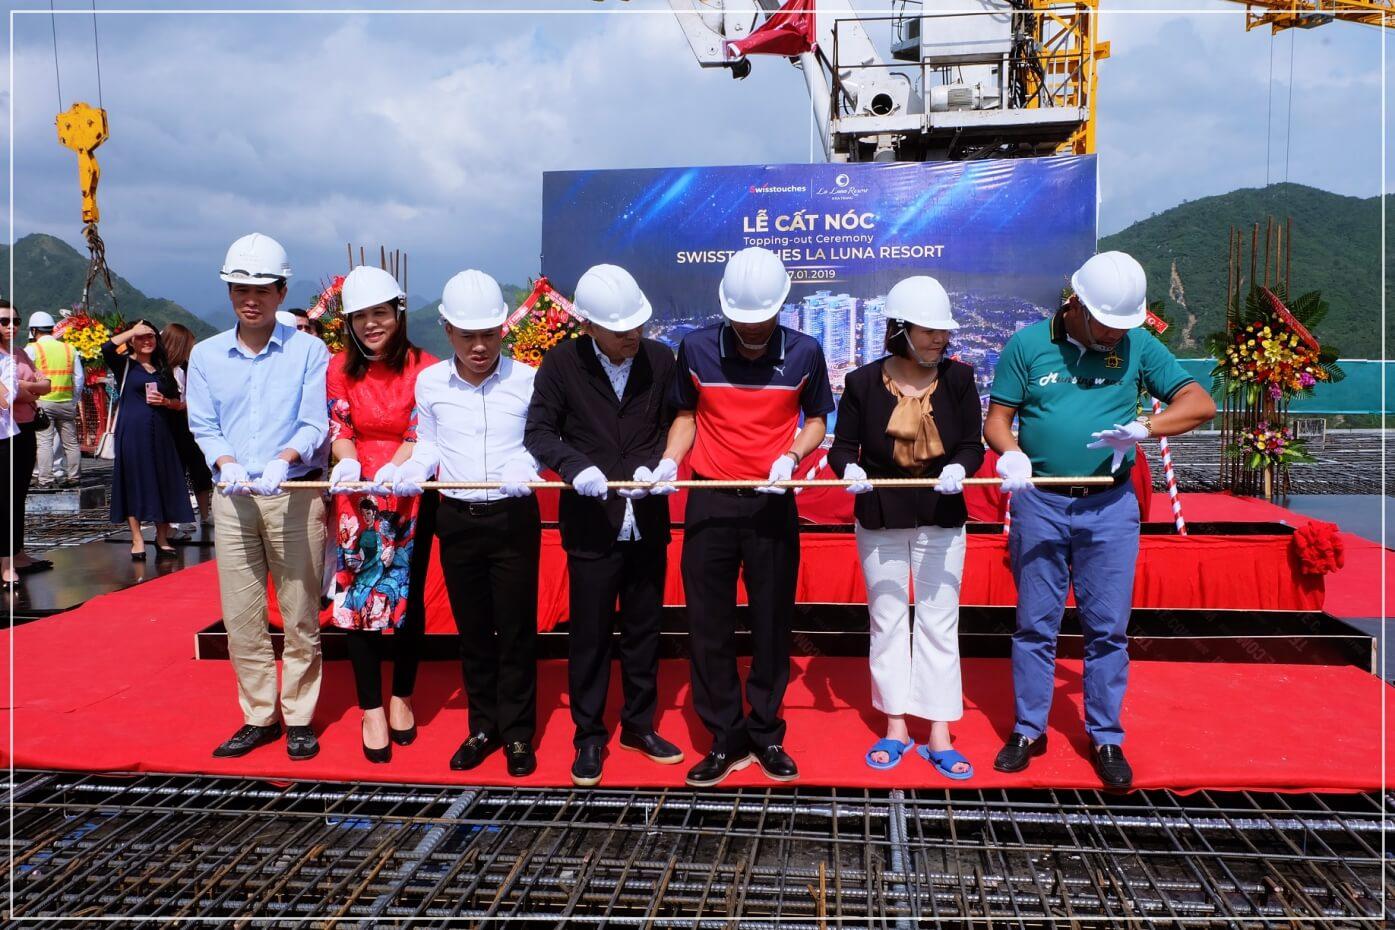 Chủ đầu tư đặt thanh sắt cất nóc dự án condotel La Luna